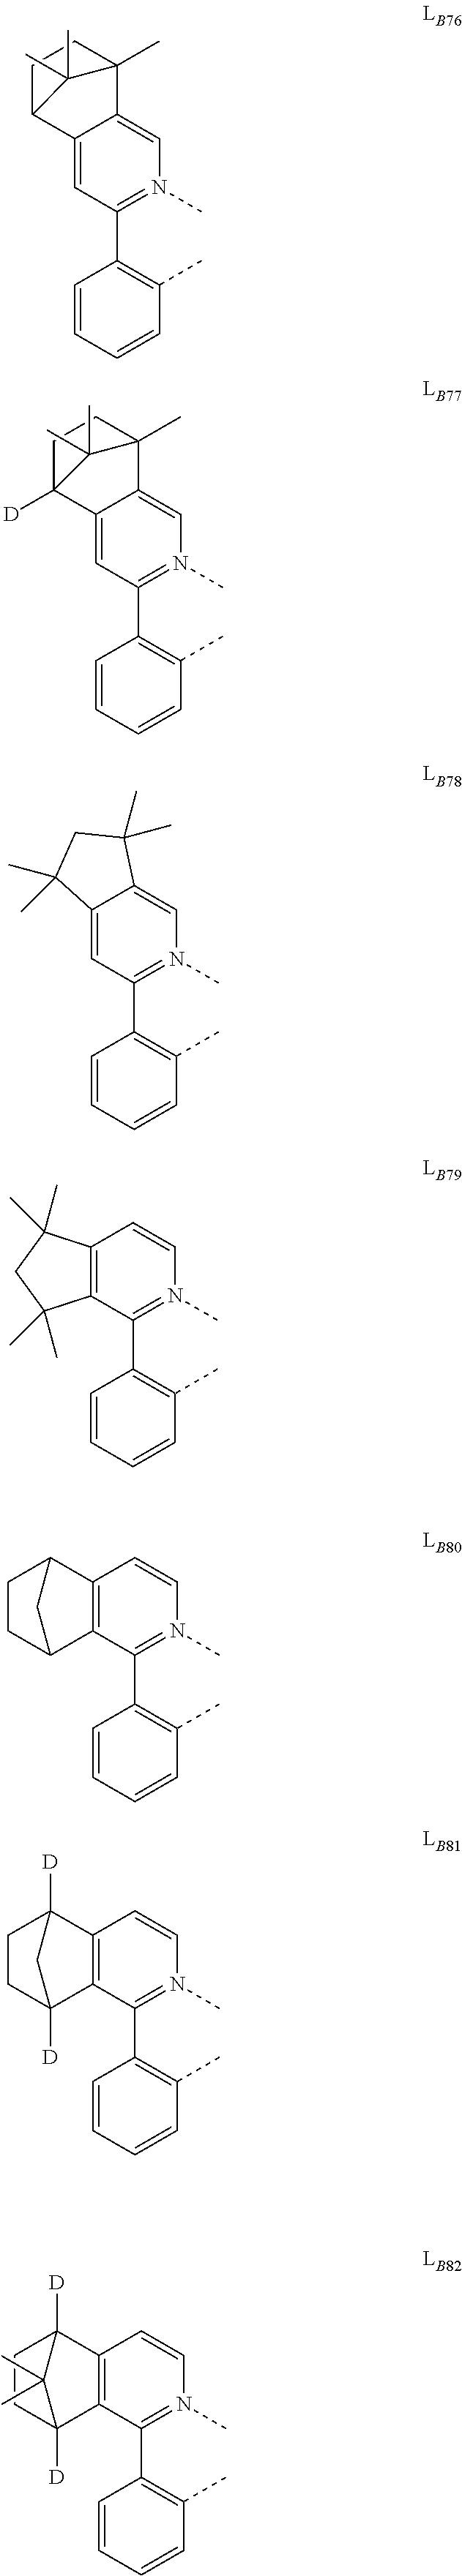 Figure US20180130962A1-20180510-C00274